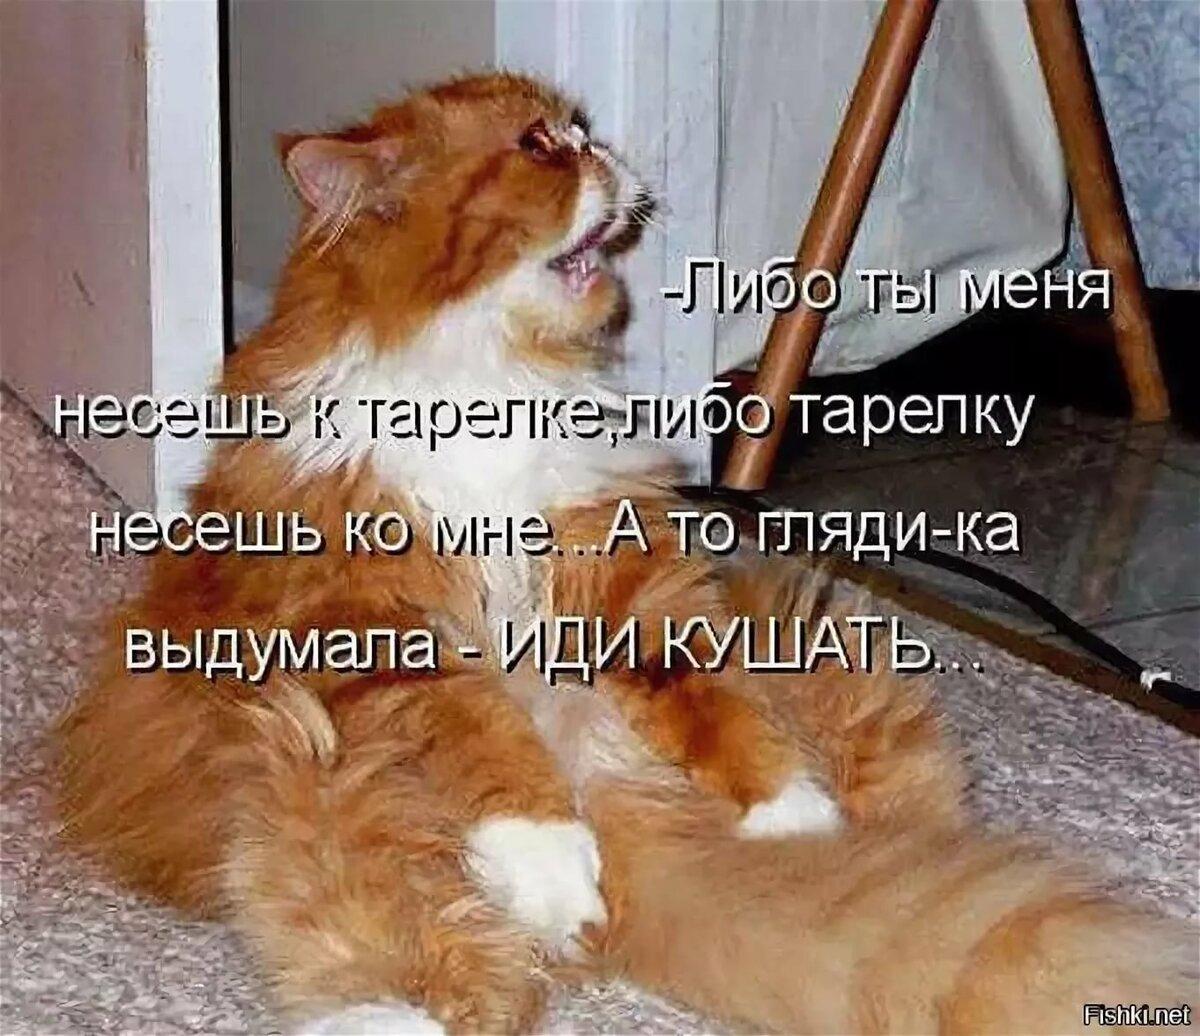 Прикольные картинки с надписями кошек